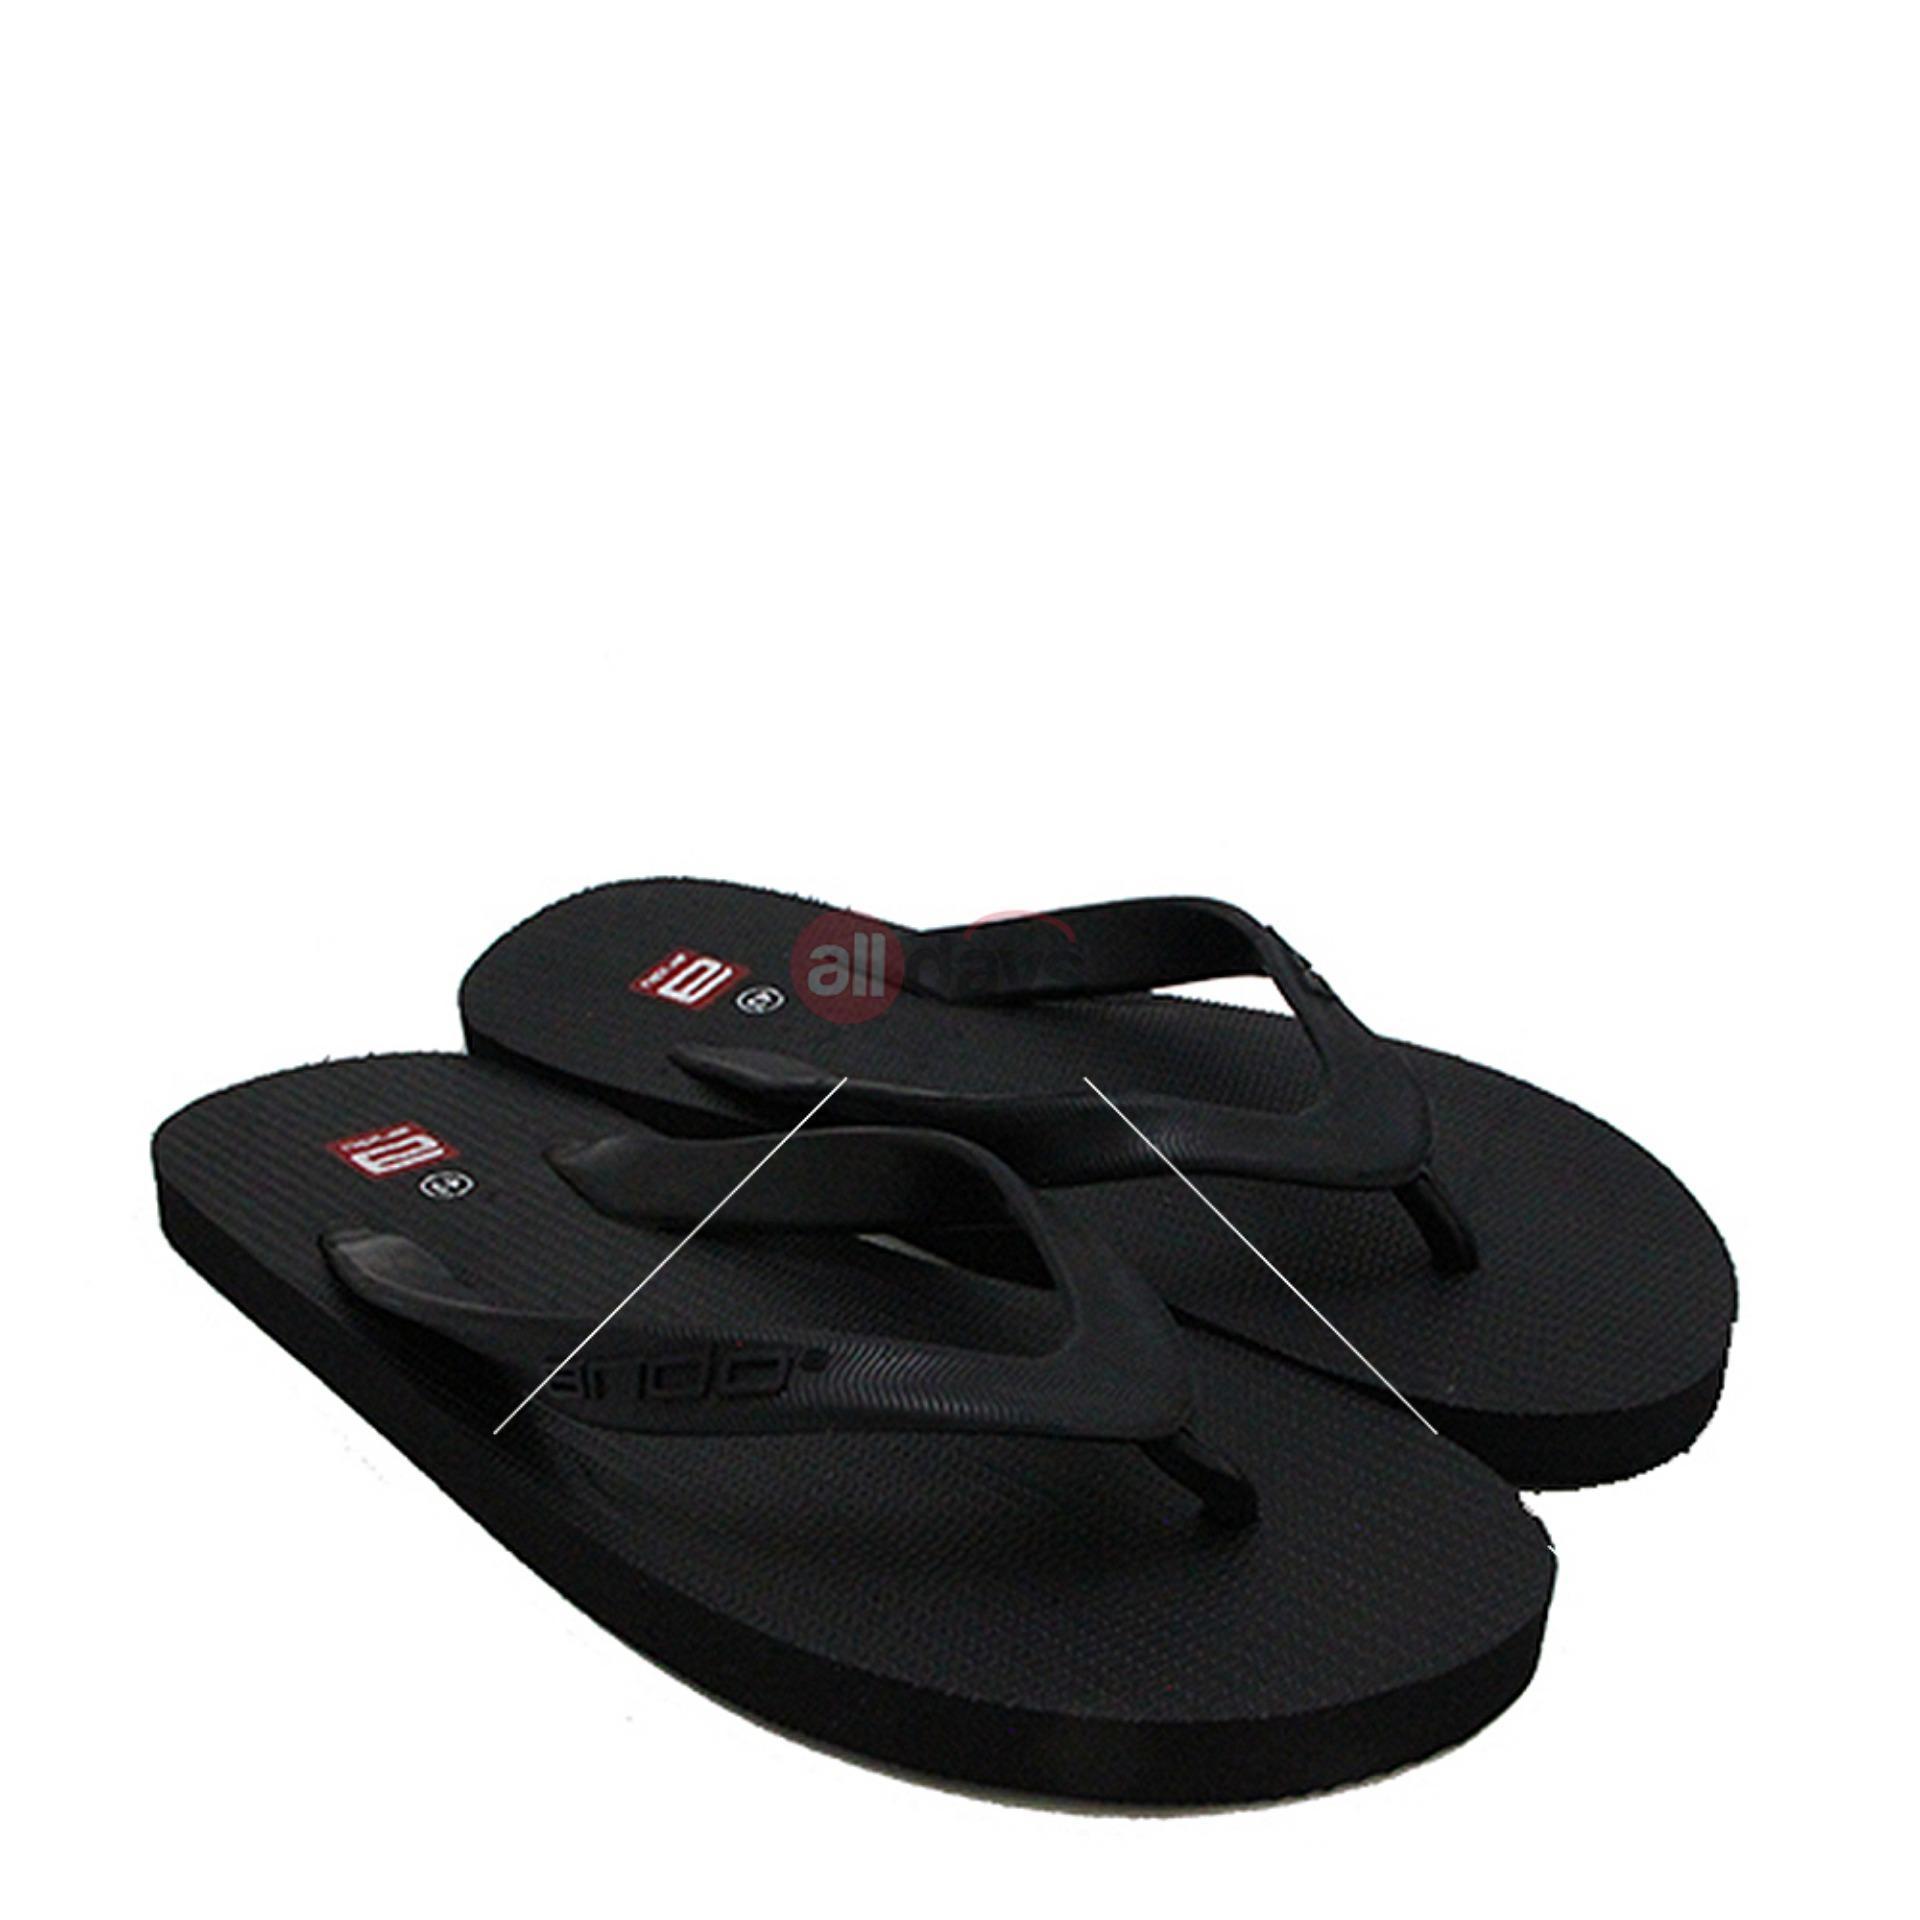 Kehebatan Salvo Sepatu Pria Ca78 Free Sandal Zr Coklat Dan Harga Source · 100 karet alami Ando Sandal Jepit Hawaii Man Hitam